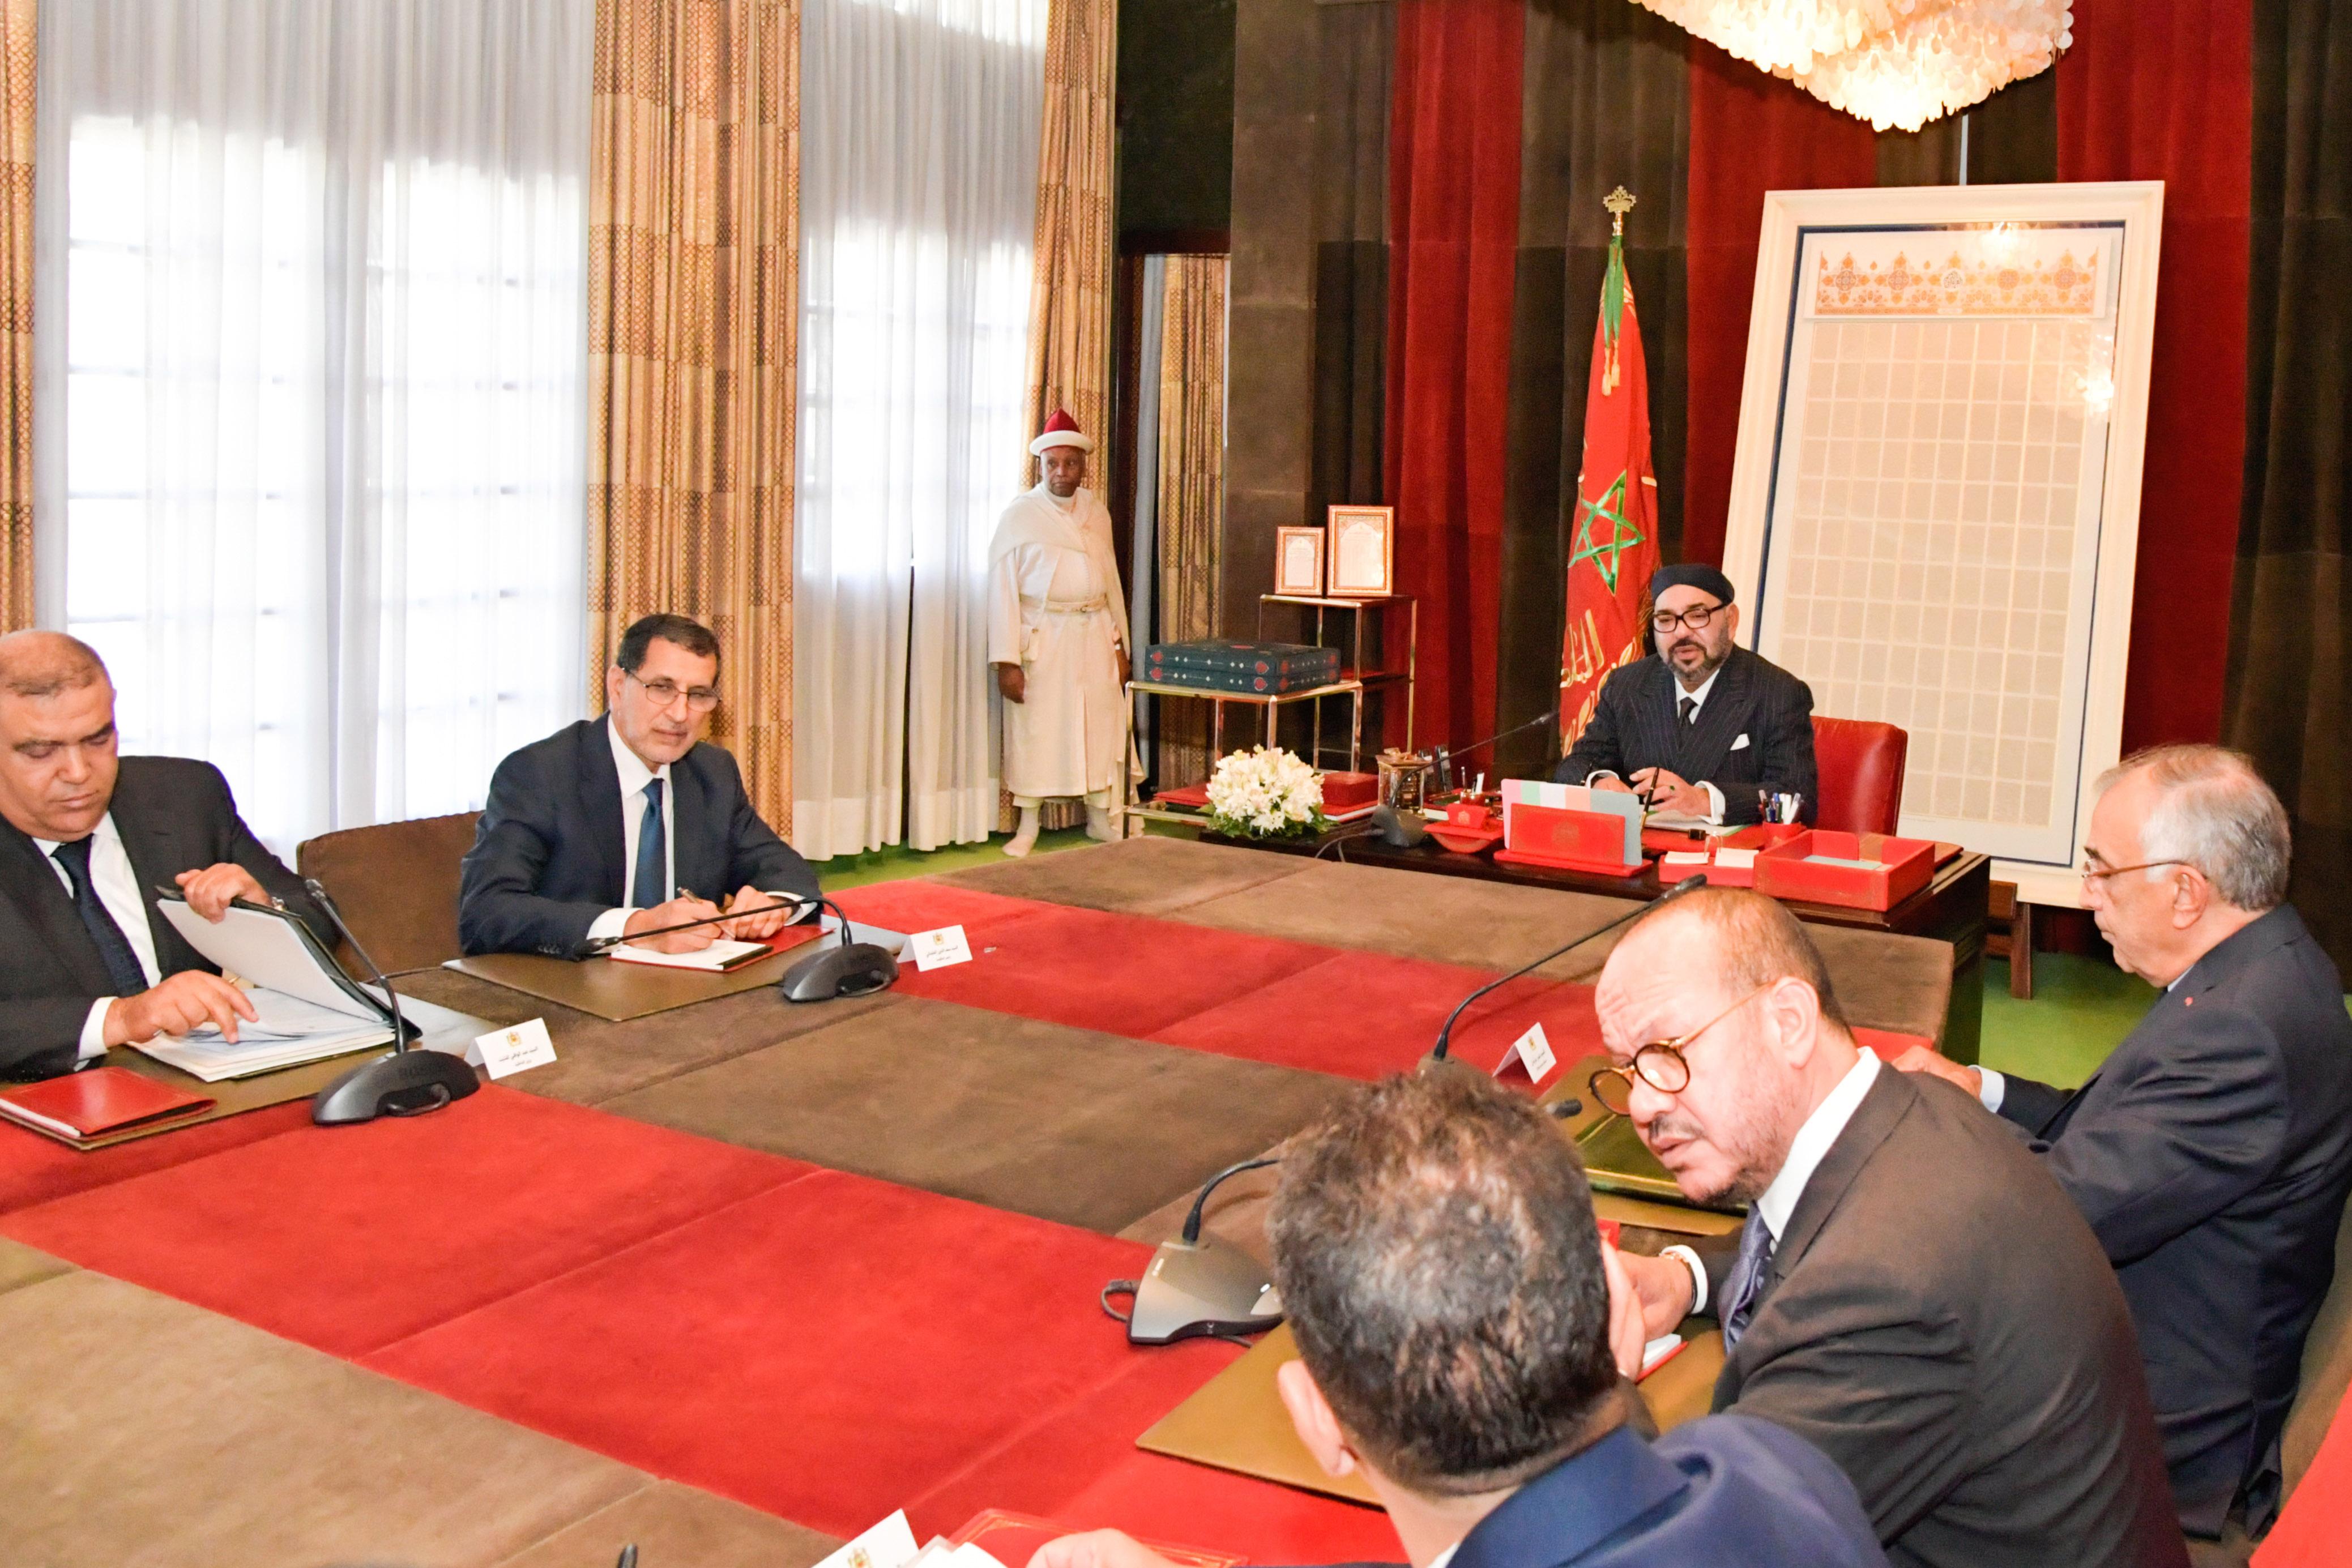 S.M le Roi Mohammed VI présidant, le 1er octobre, une séance de travail consacrée à la mise à niveau de l'offre de formation professionnelle.